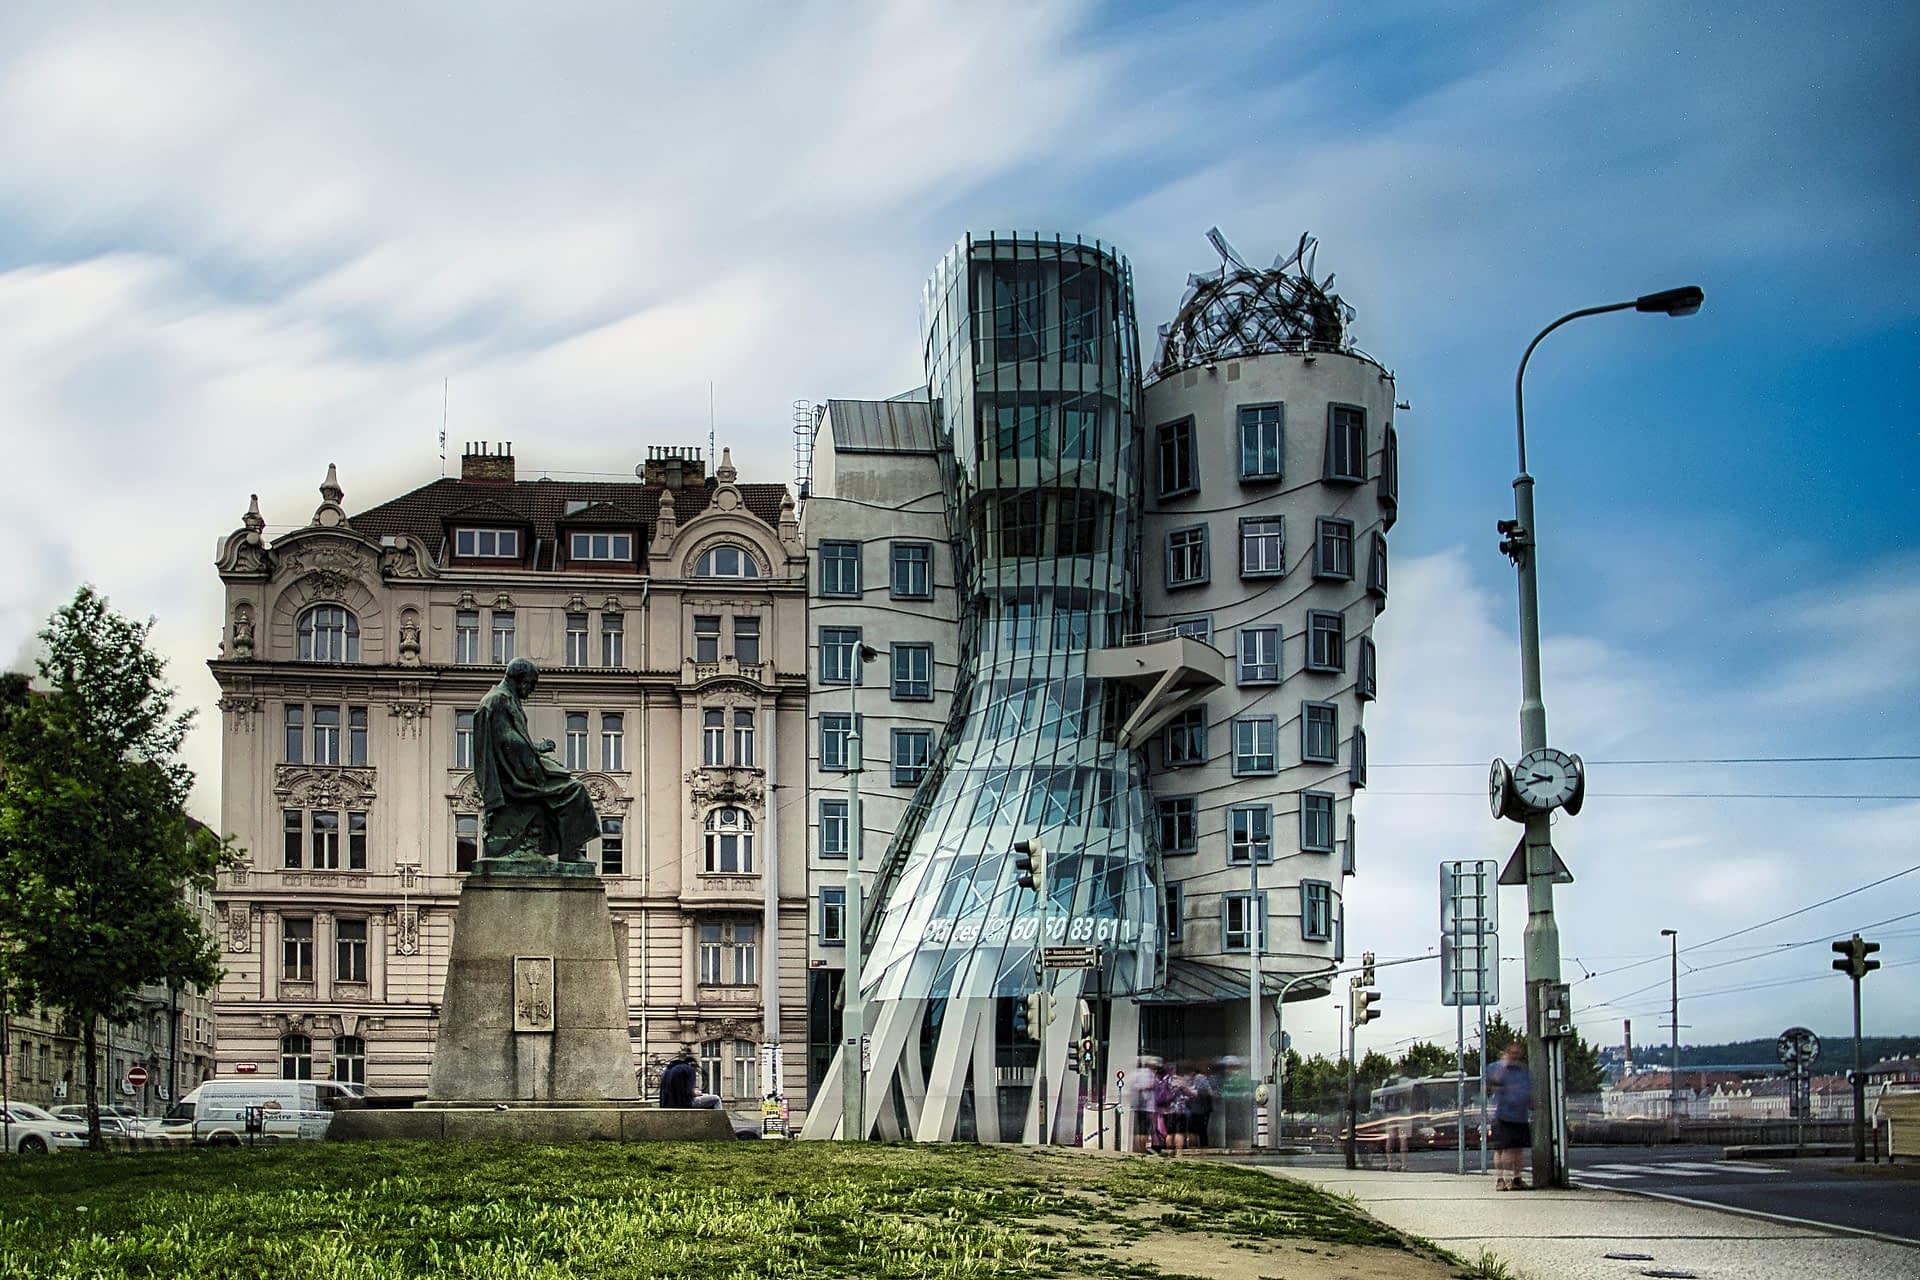 Dancing Houses in Prag